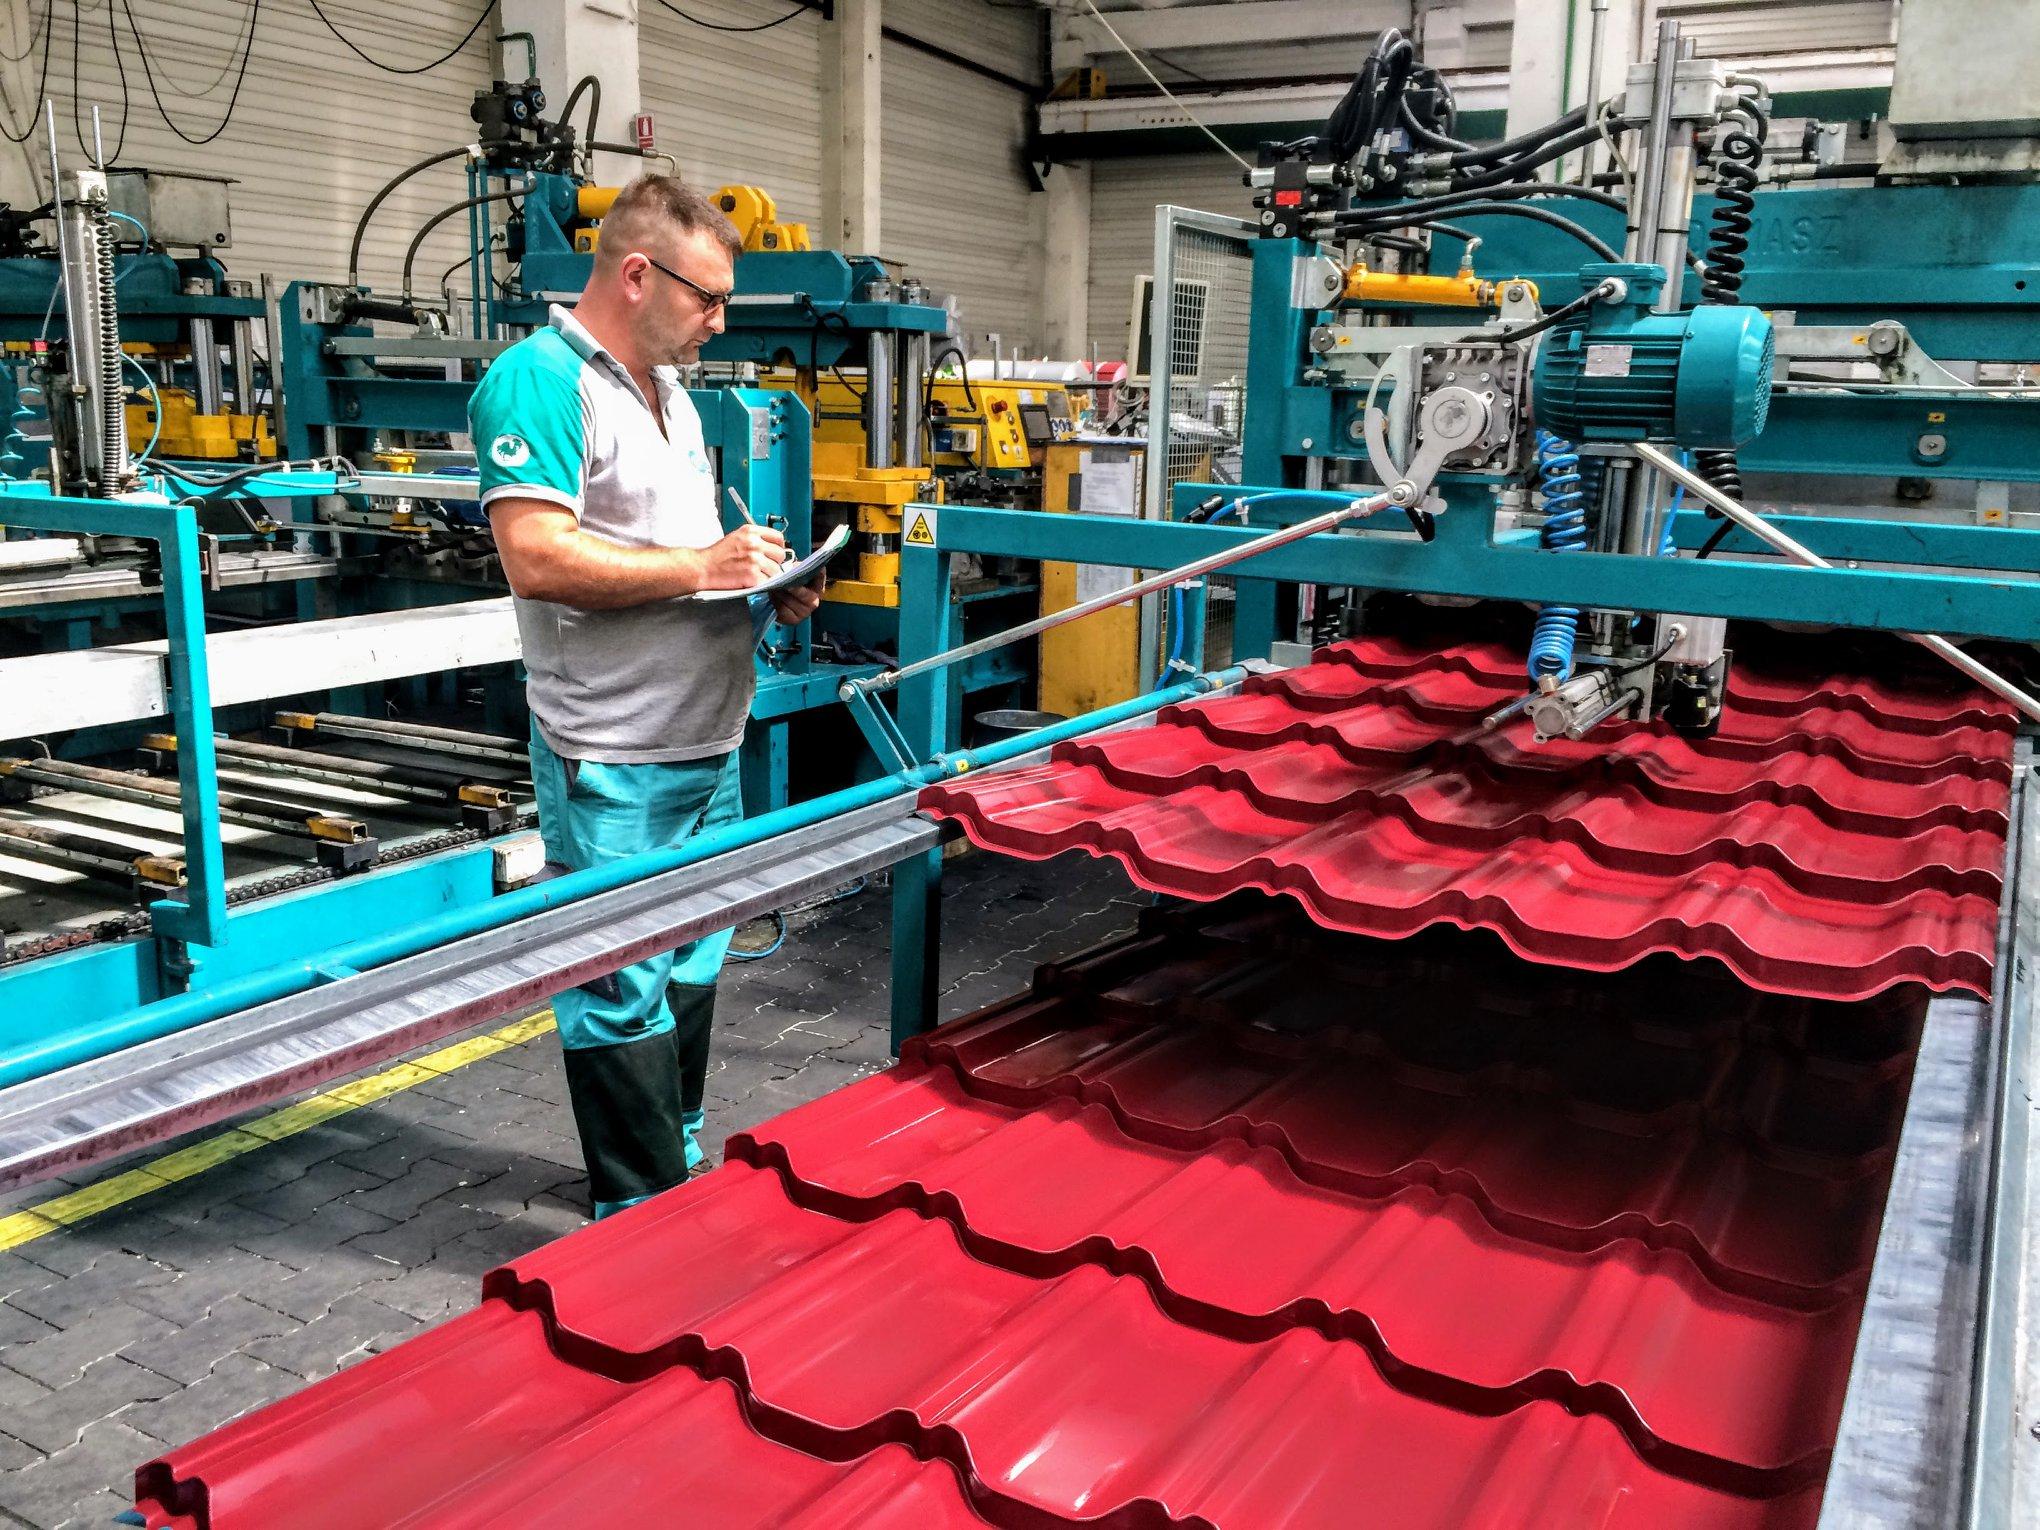 fabrica-rufster-acoperisuri